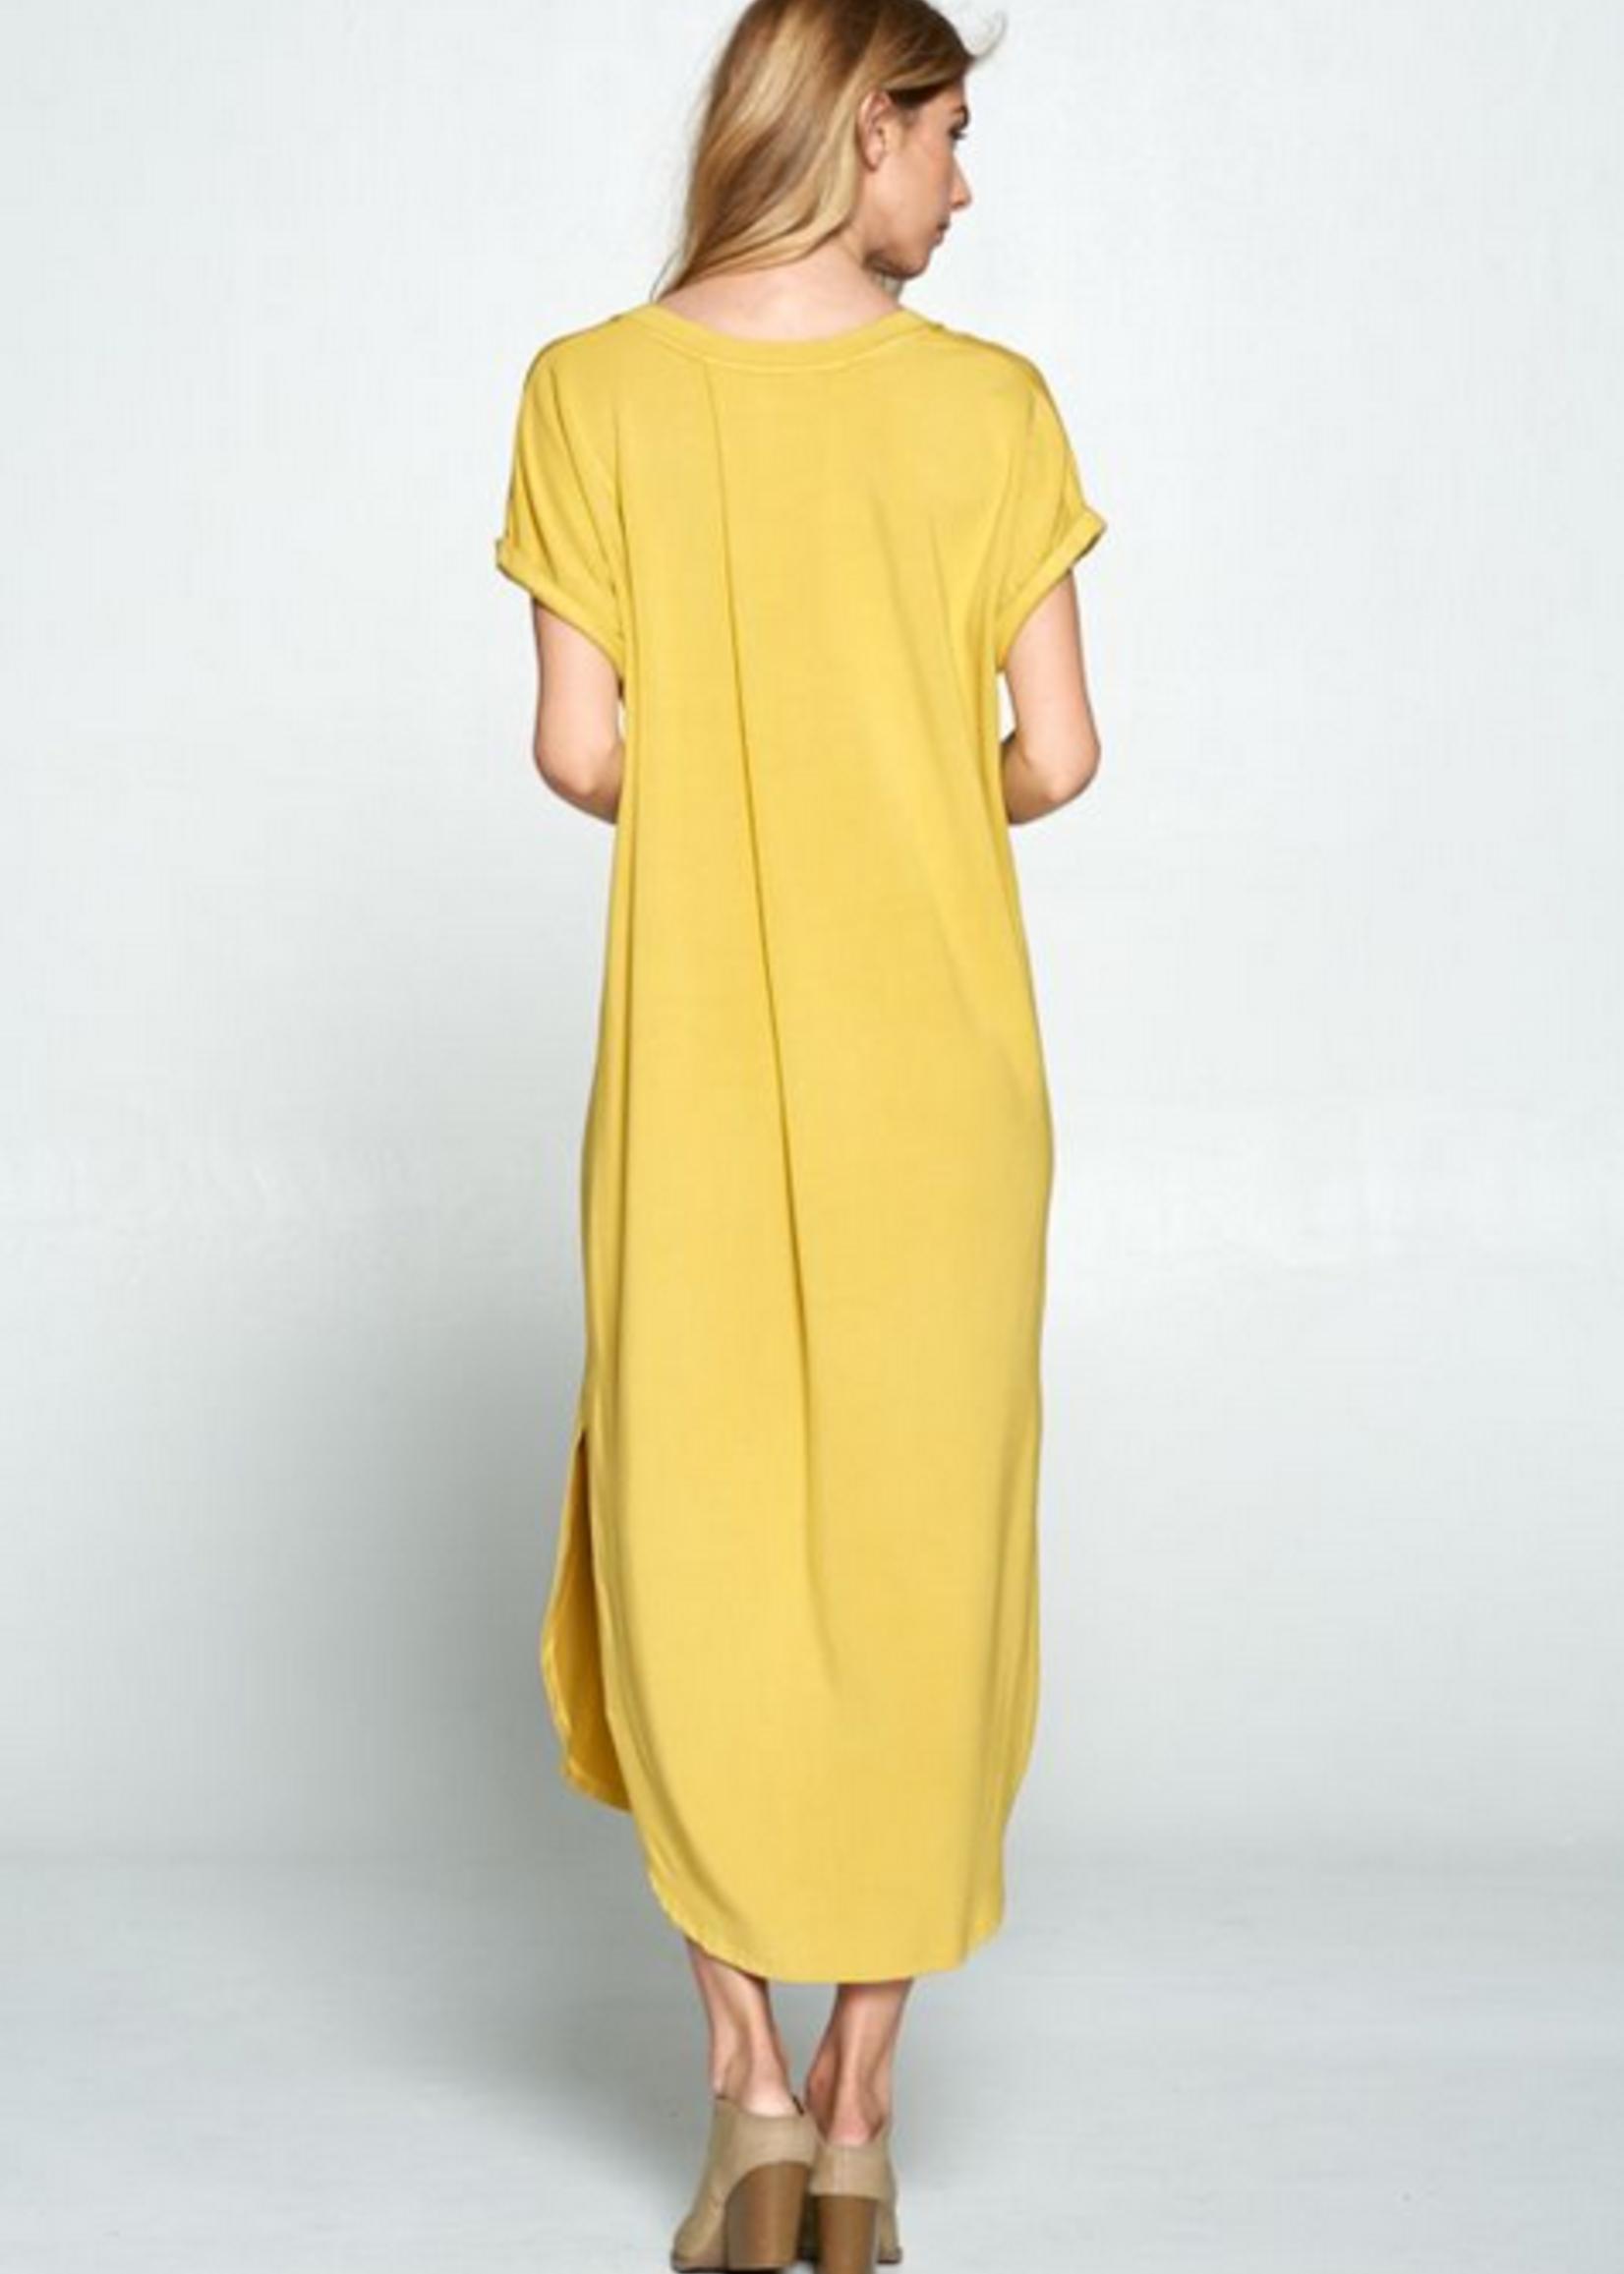 ellison lexington dress